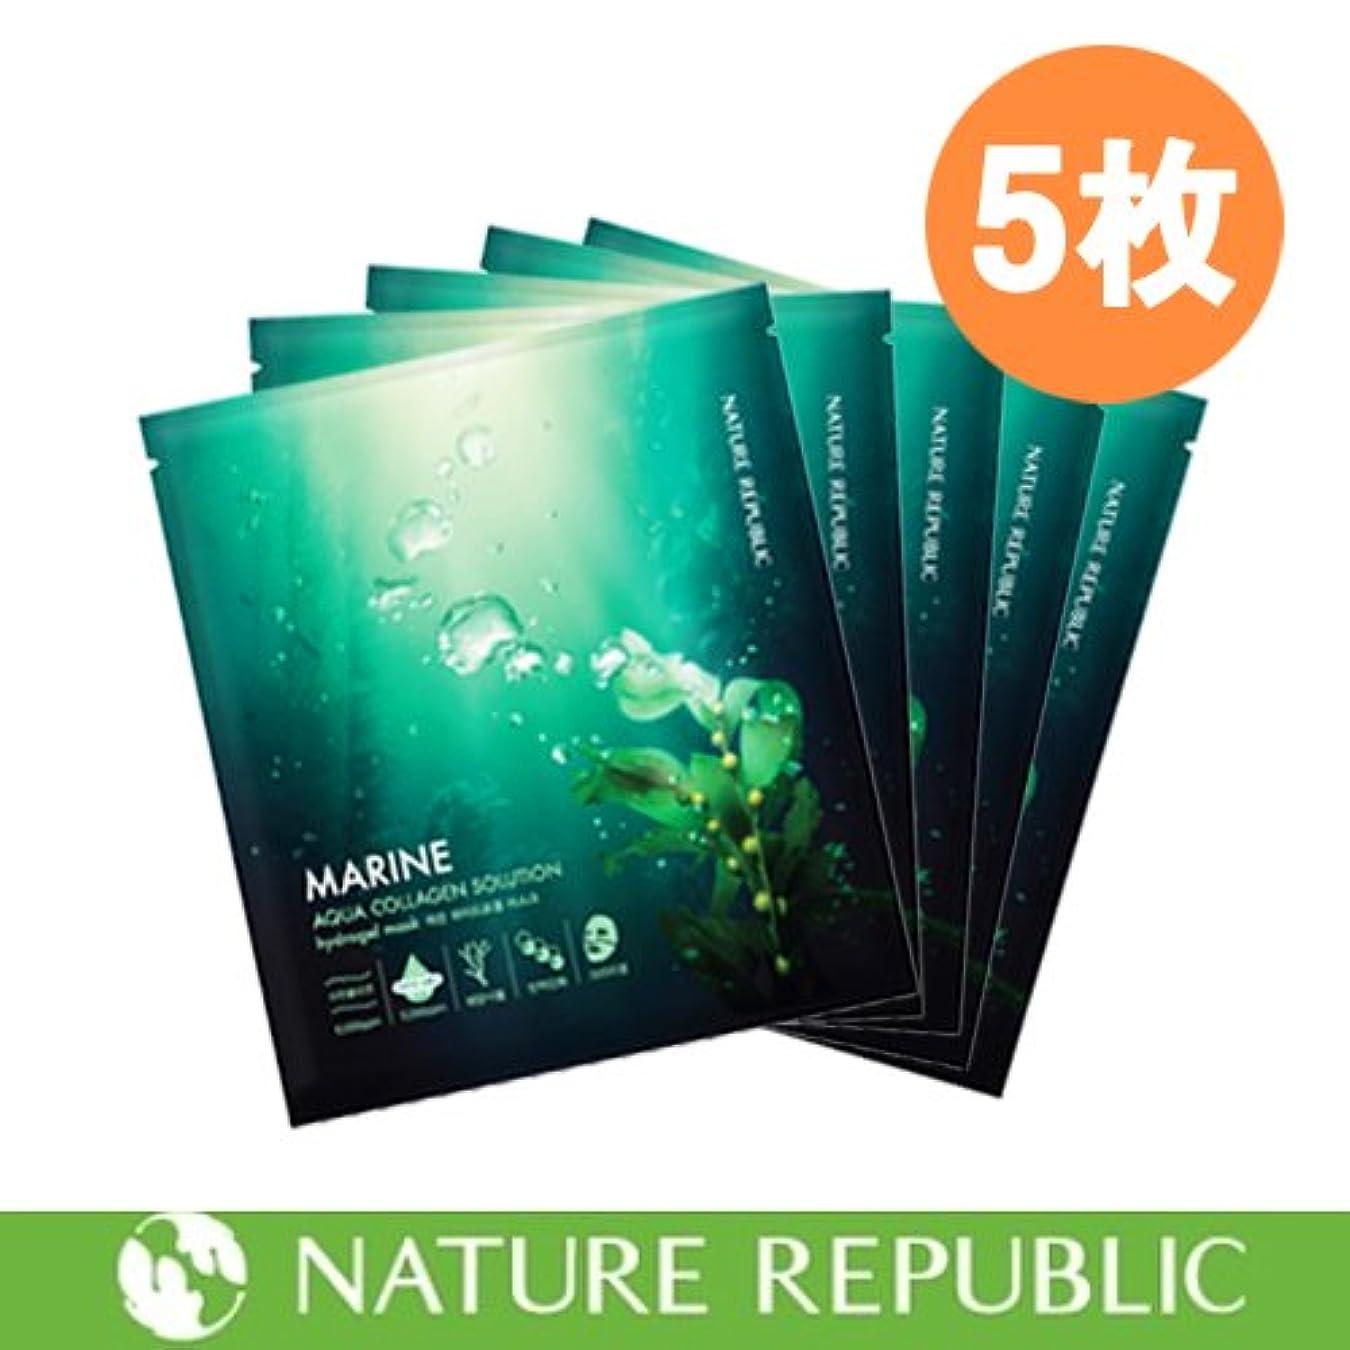 報酬差し引く感覚NATURE REPUBLIC(ネイチャーリパブリック) Aqua Collagen アクアコラーゲンソリューション マリン ハイドロ ゲル マスク 5枚セット[海外直送品]